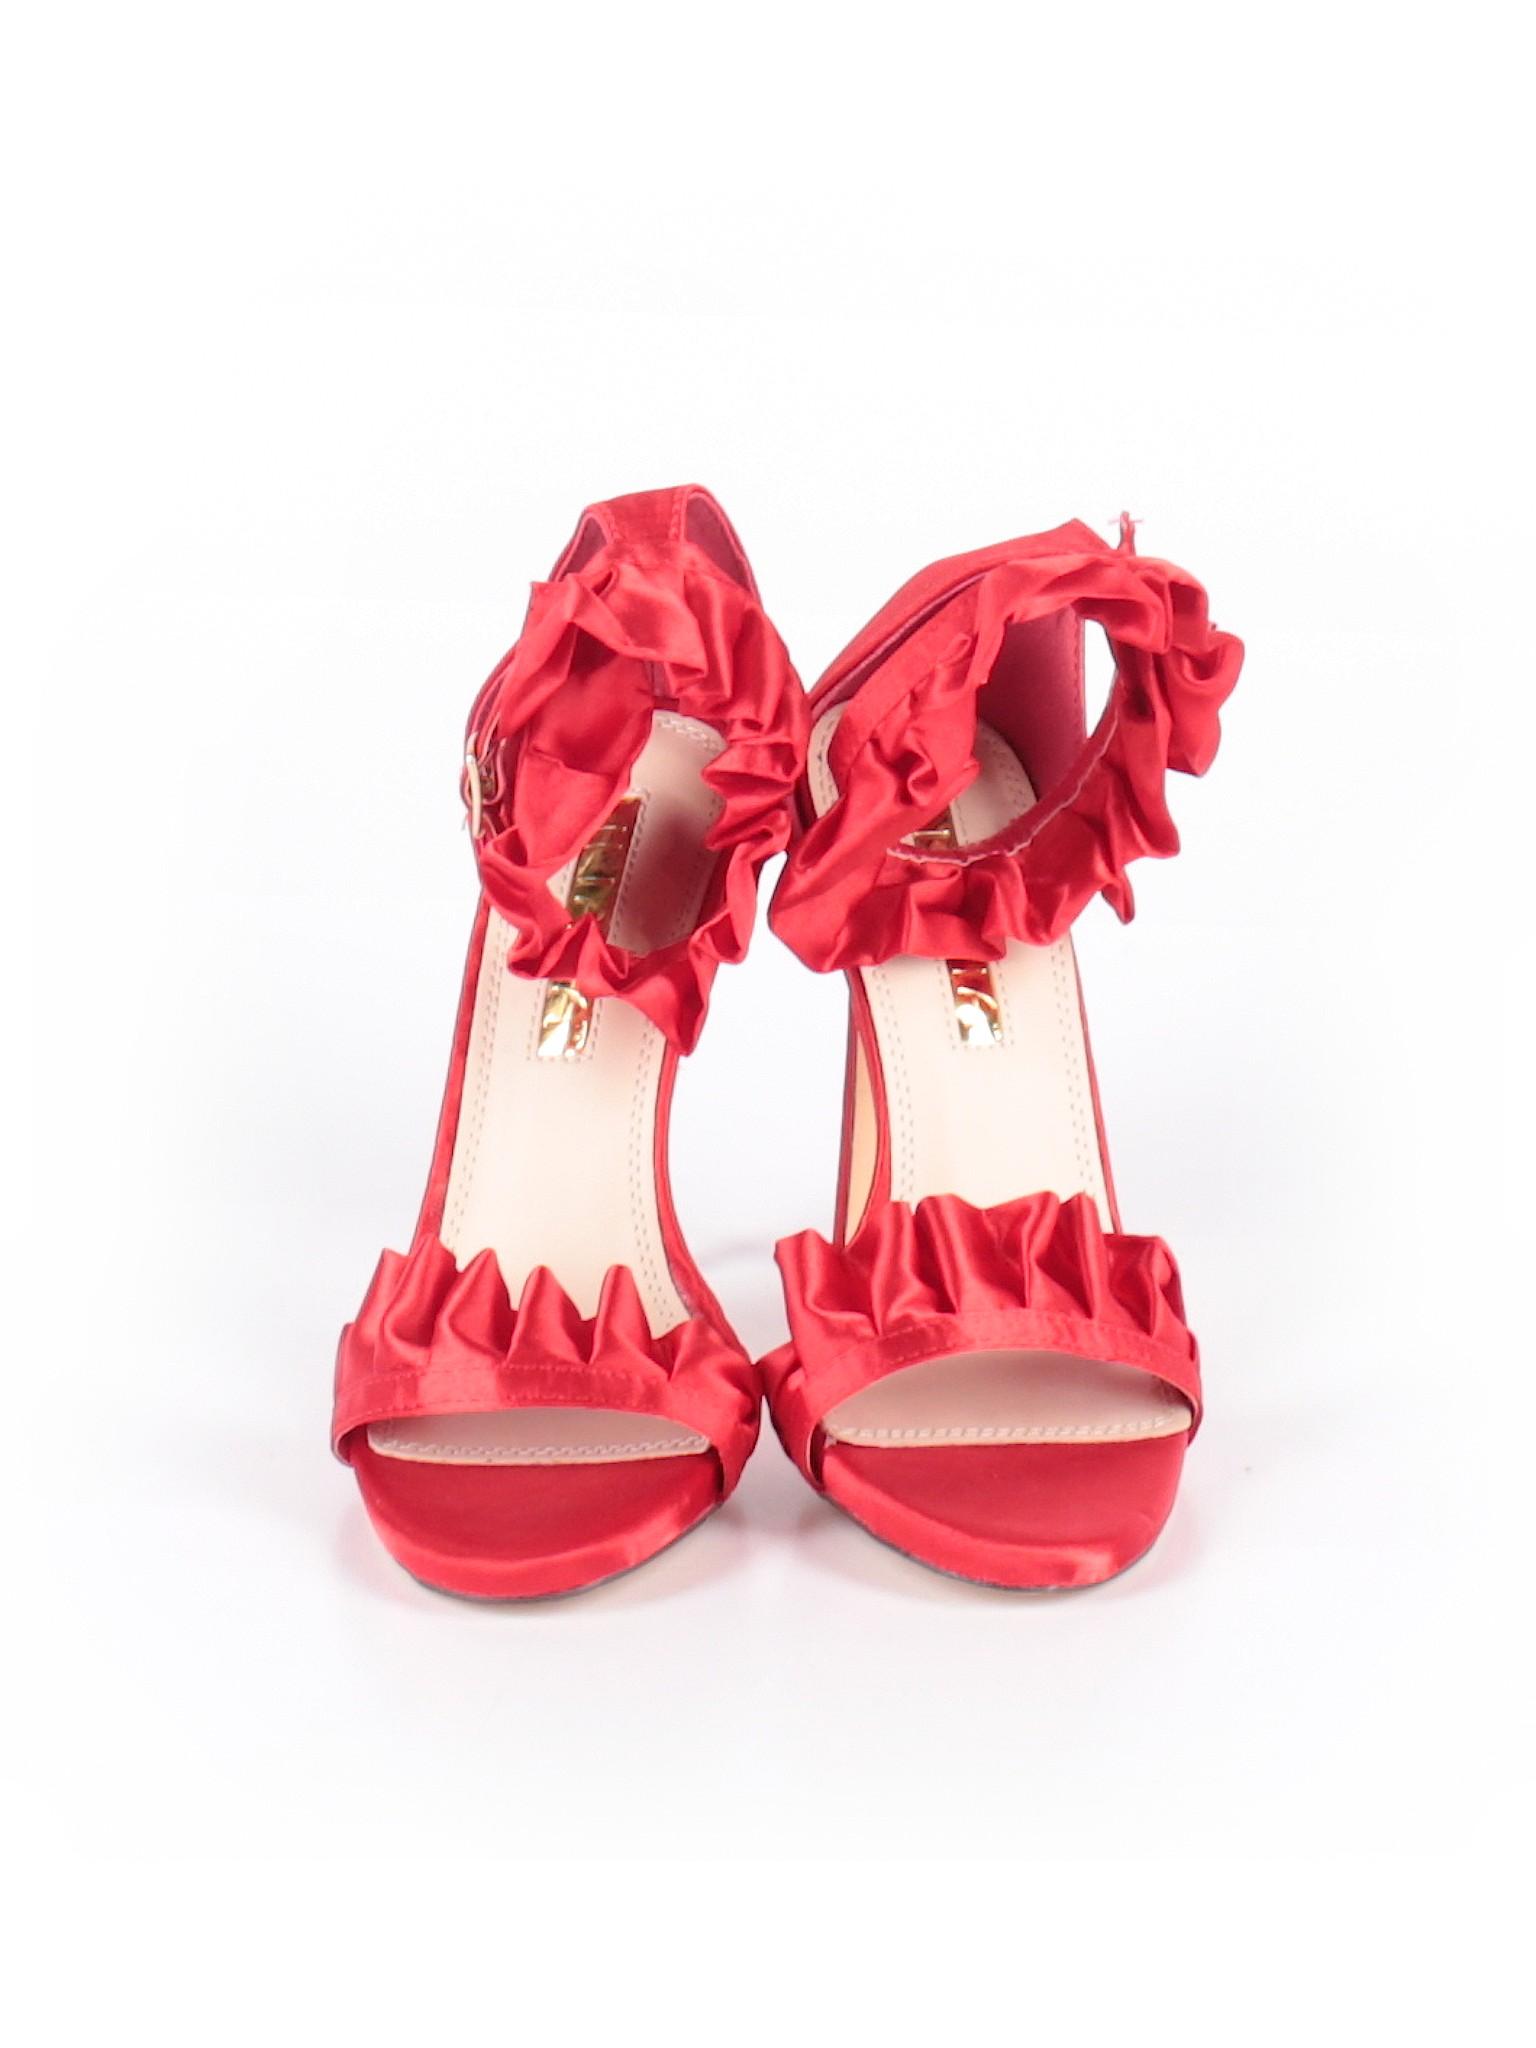 Boutique promotion Heels promotion Boutique Liliana Boutique Heels Liliana 1n4qFgd